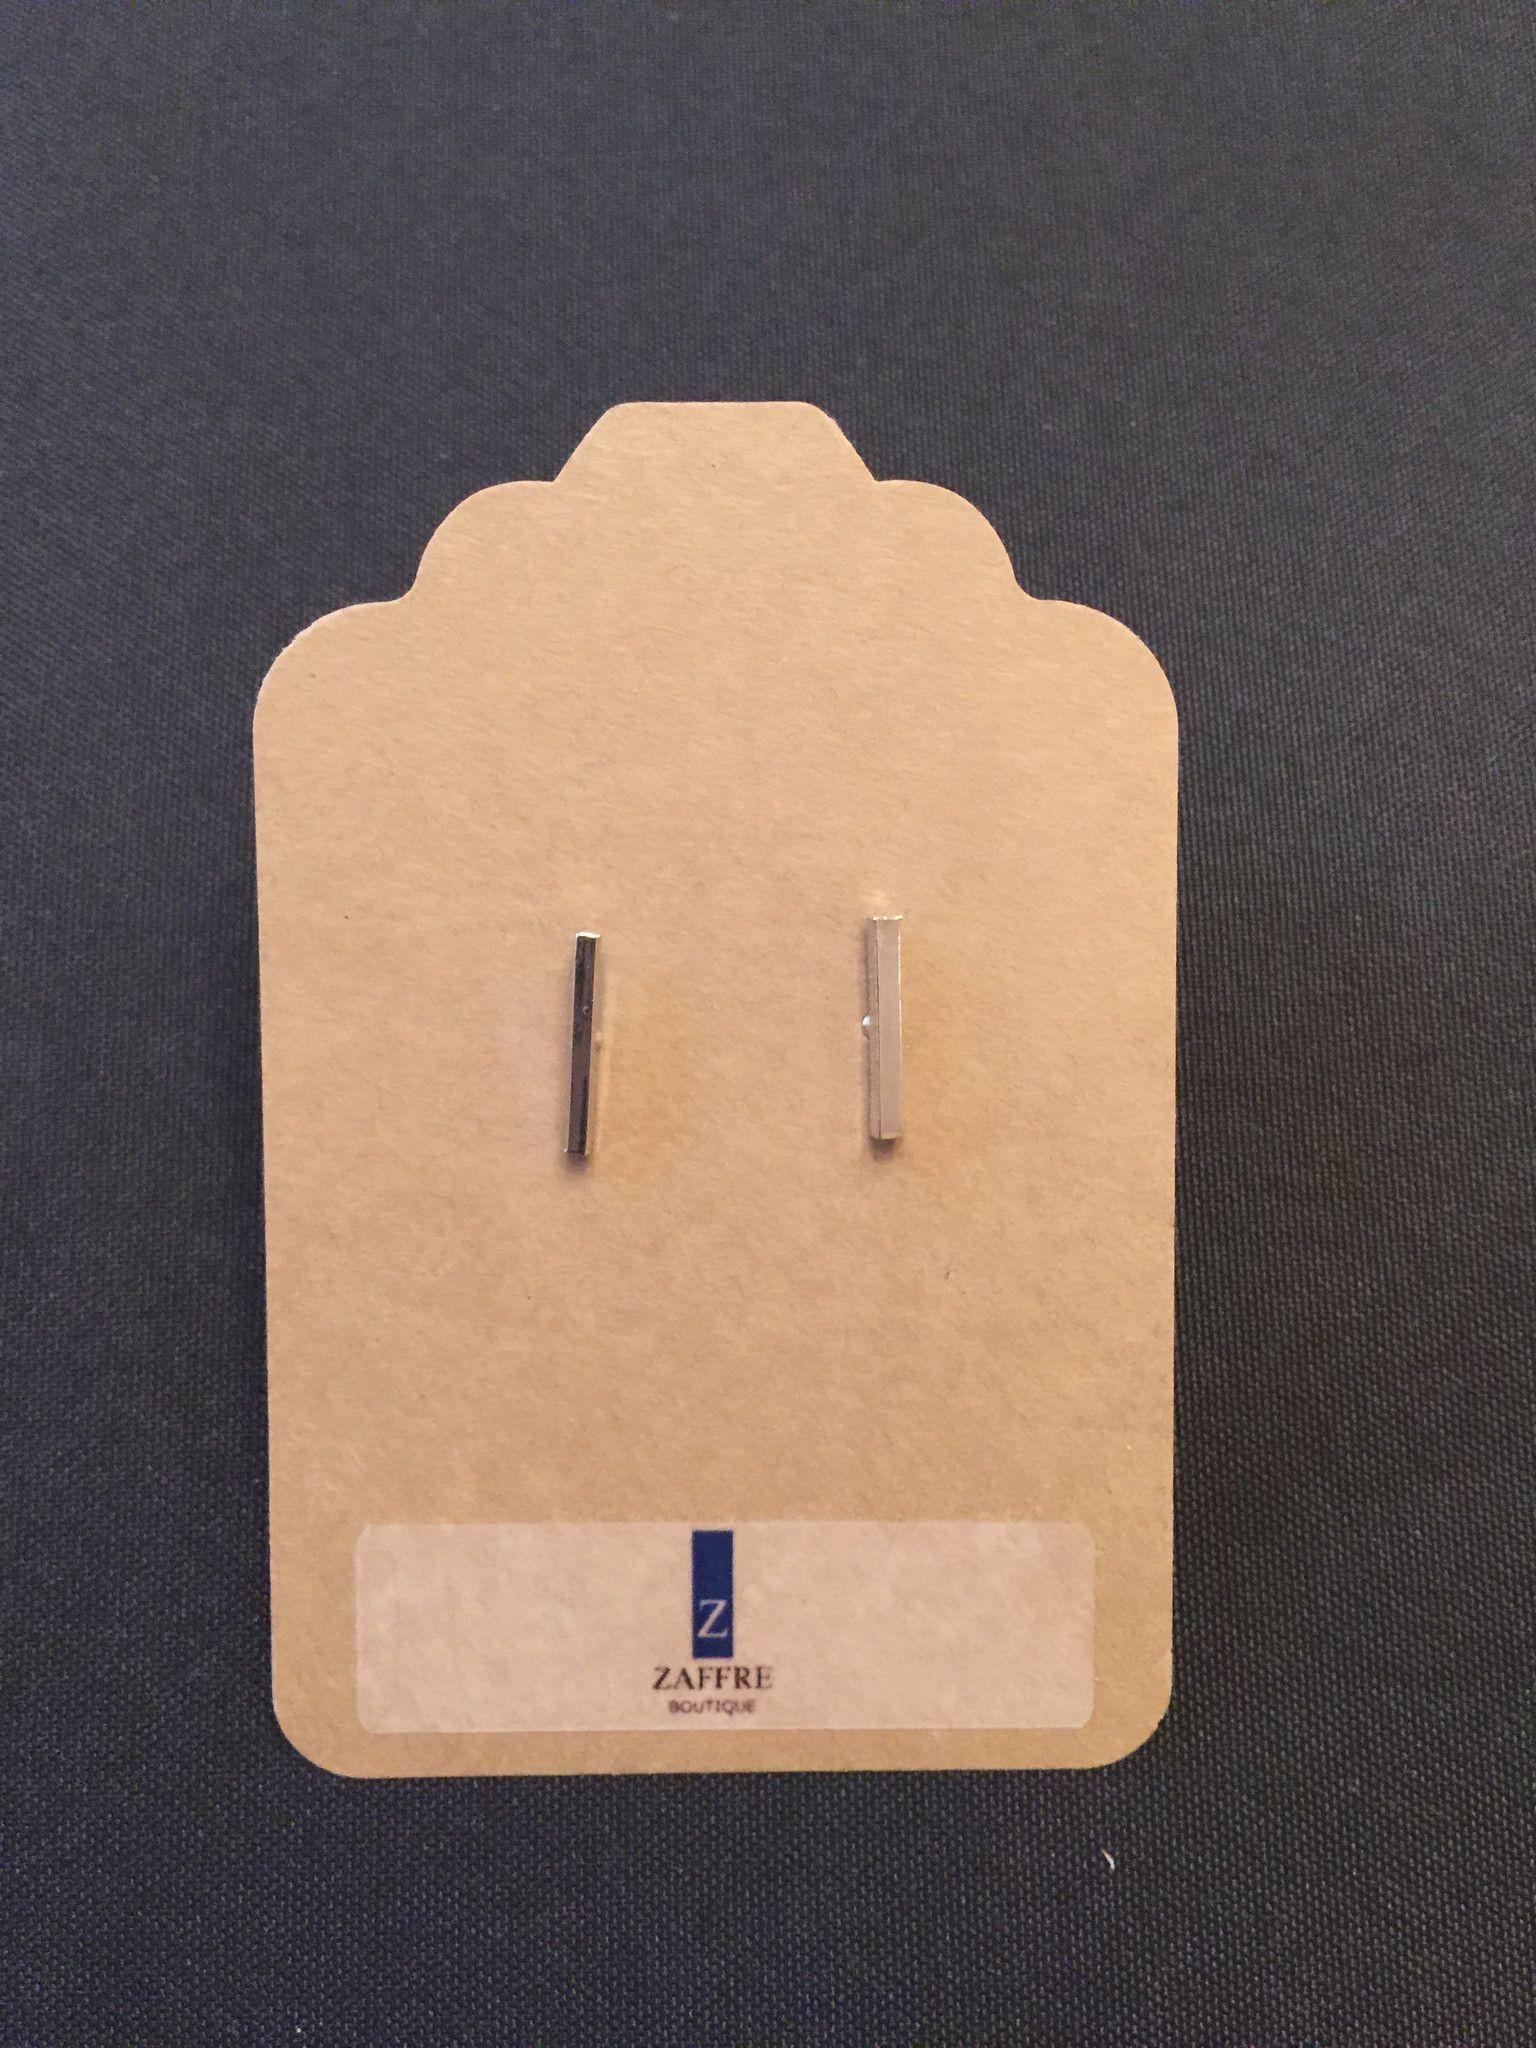 Silver Bar Center Post Stud Earrings